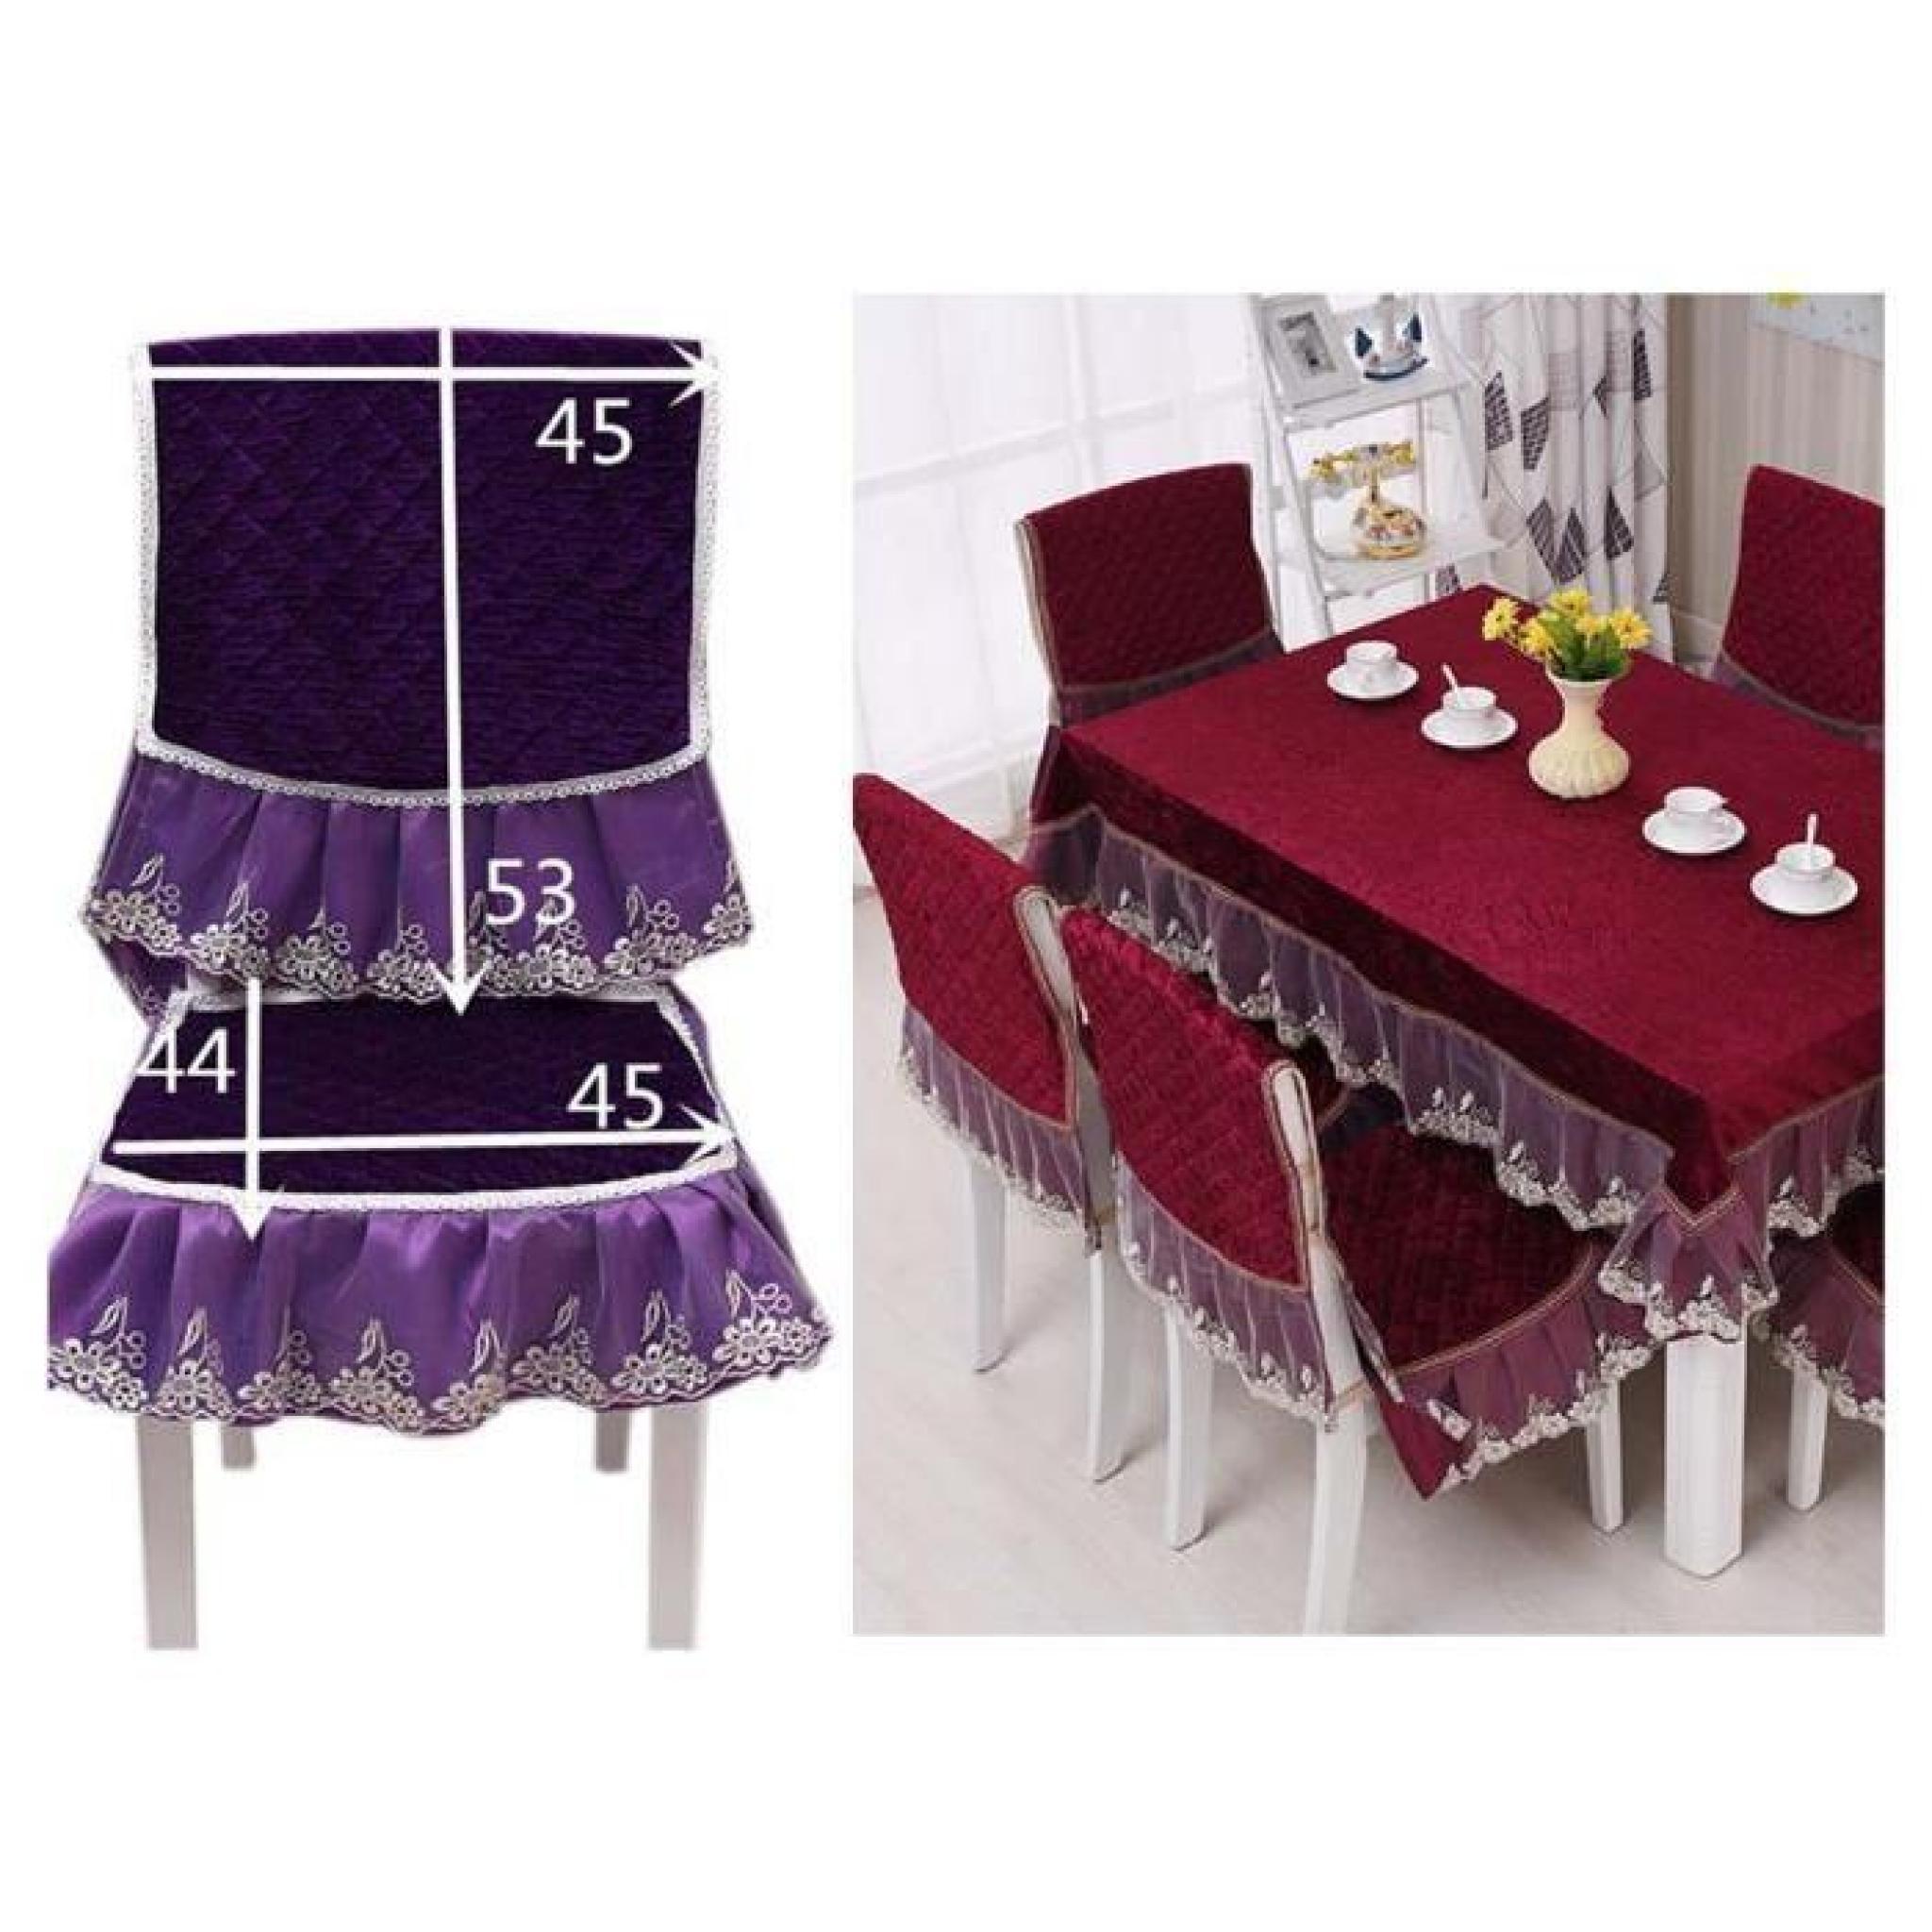 2 pi ces classique housse fauteuil coussin de chaise. Black Bedroom Furniture Sets. Home Design Ideas